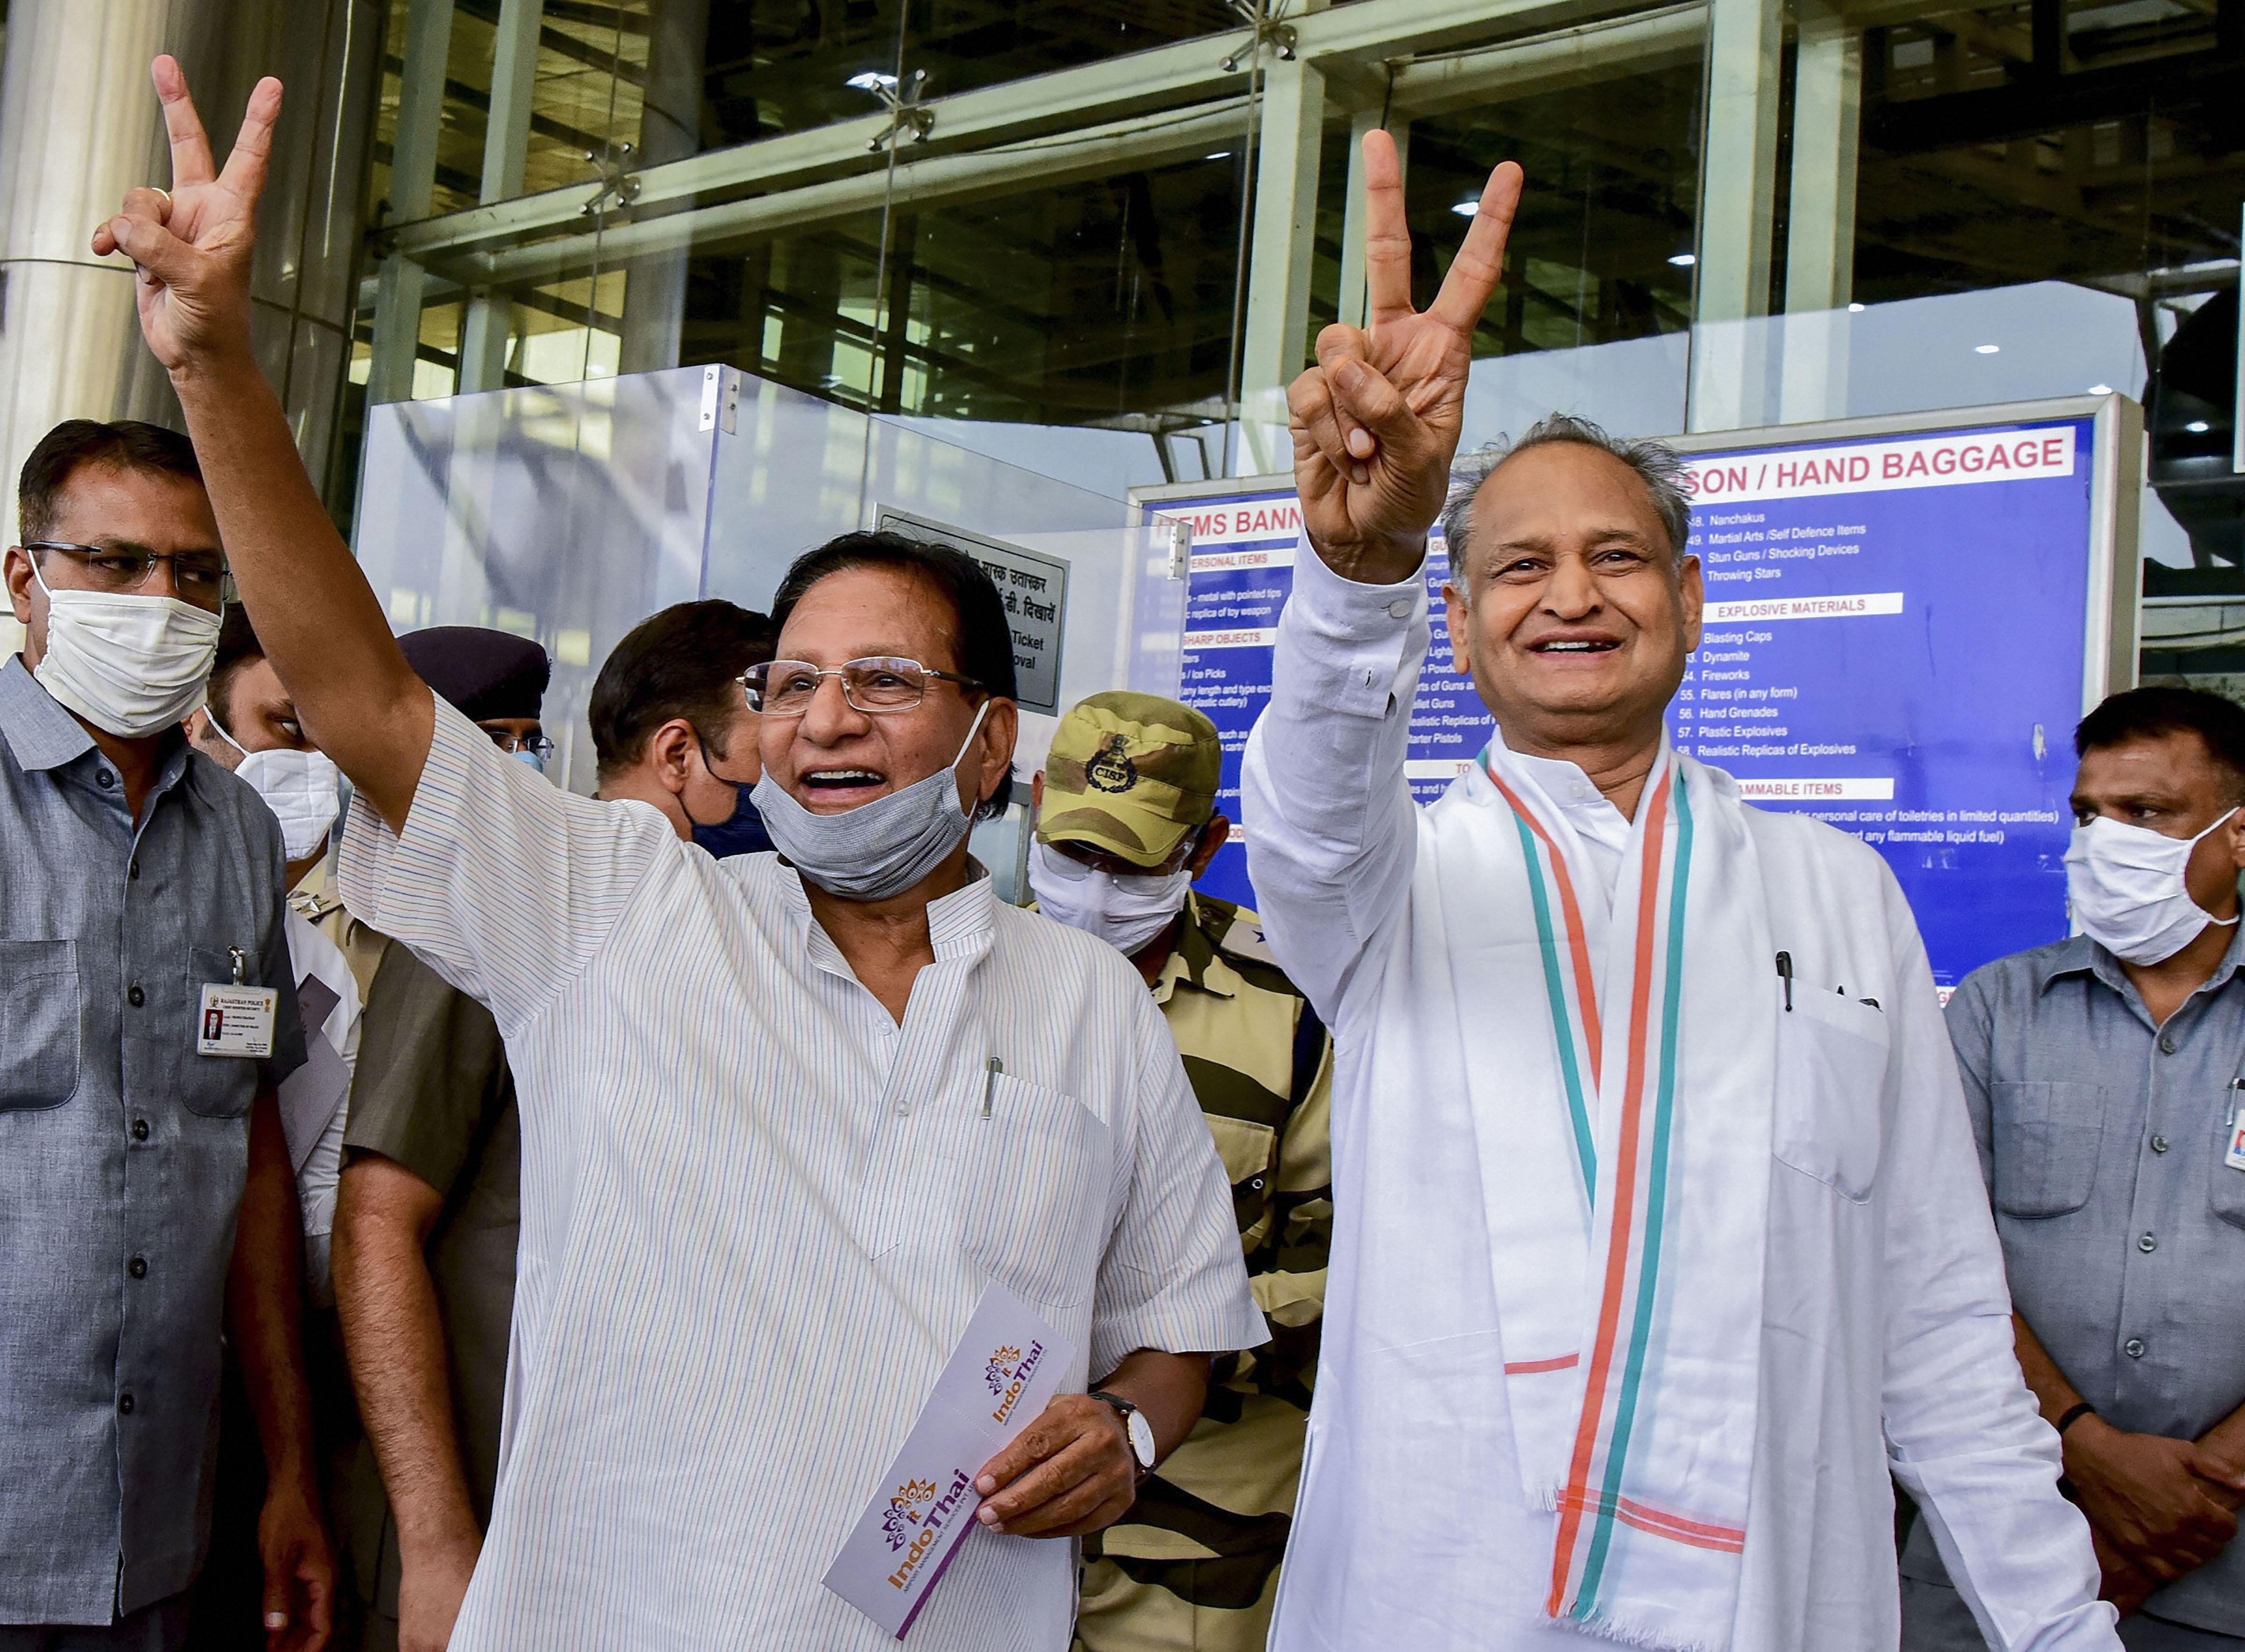 जयपुर एयरपोर्ट पर वरिष्ठ कांग्रेस नेता शांति  मुख्यमंत्री अशोक गहलोत. (फोटो: पीटीआई)